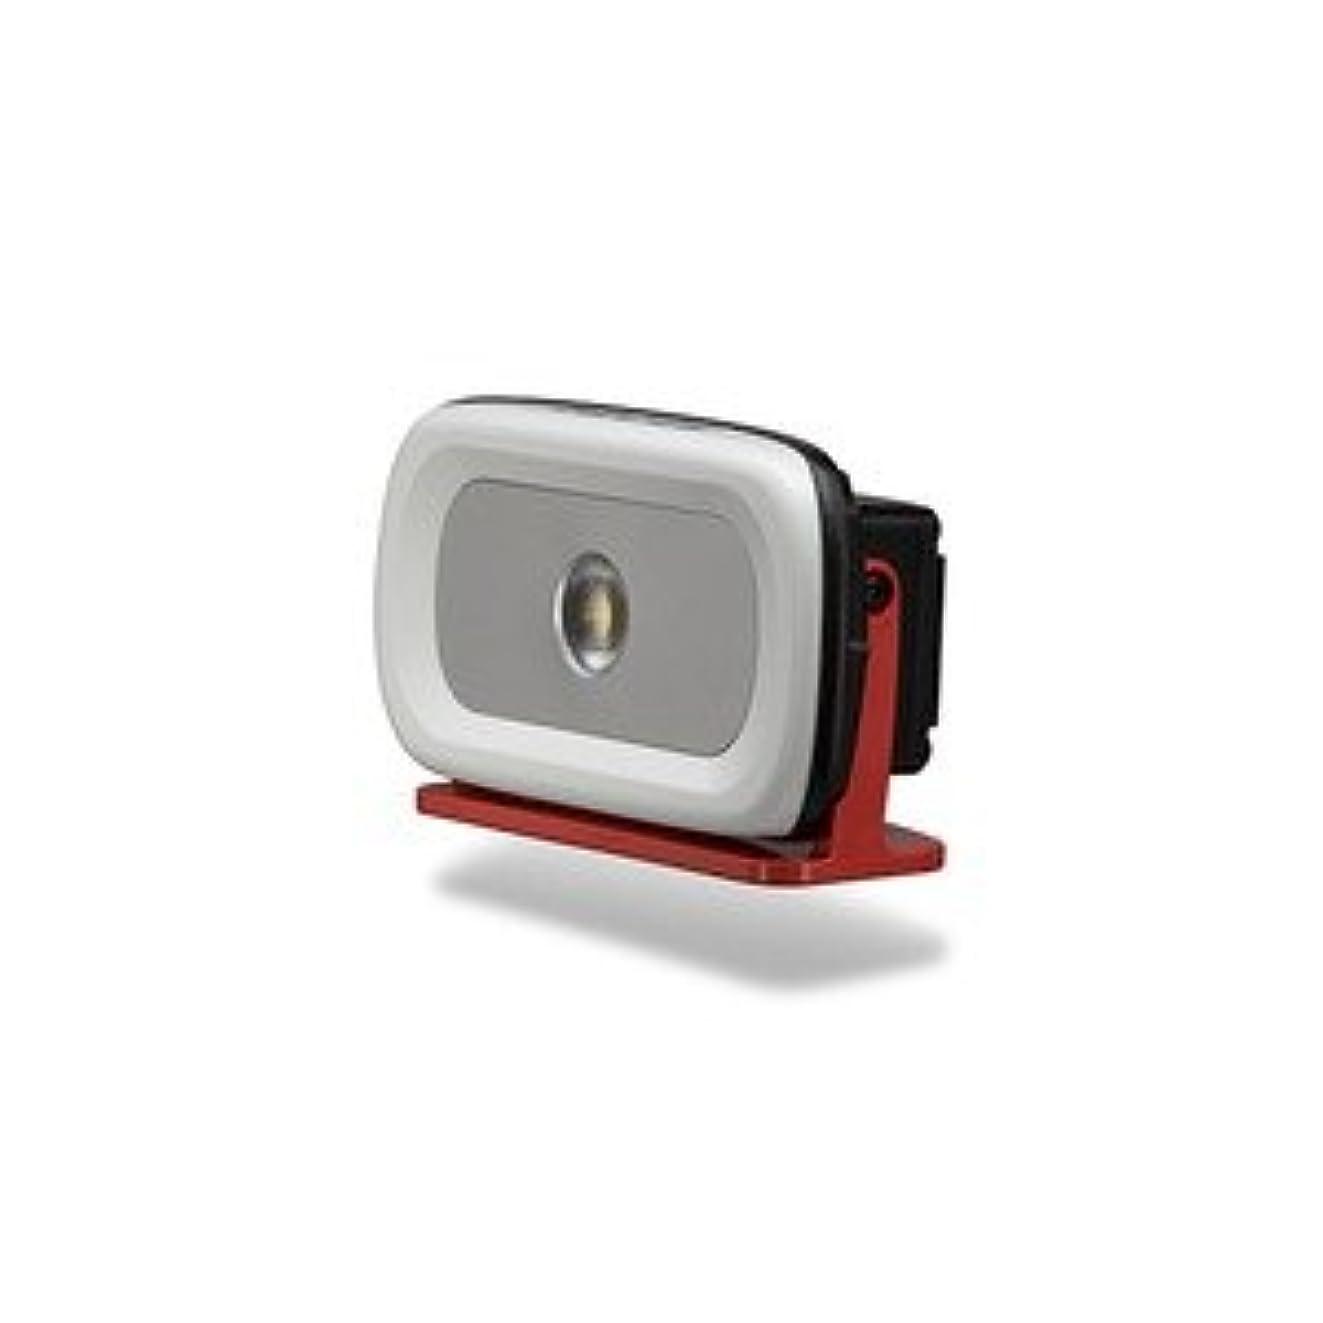 ルール意志集団ジェントス(GENTOS) LED投光器 ワークライト GZ-301